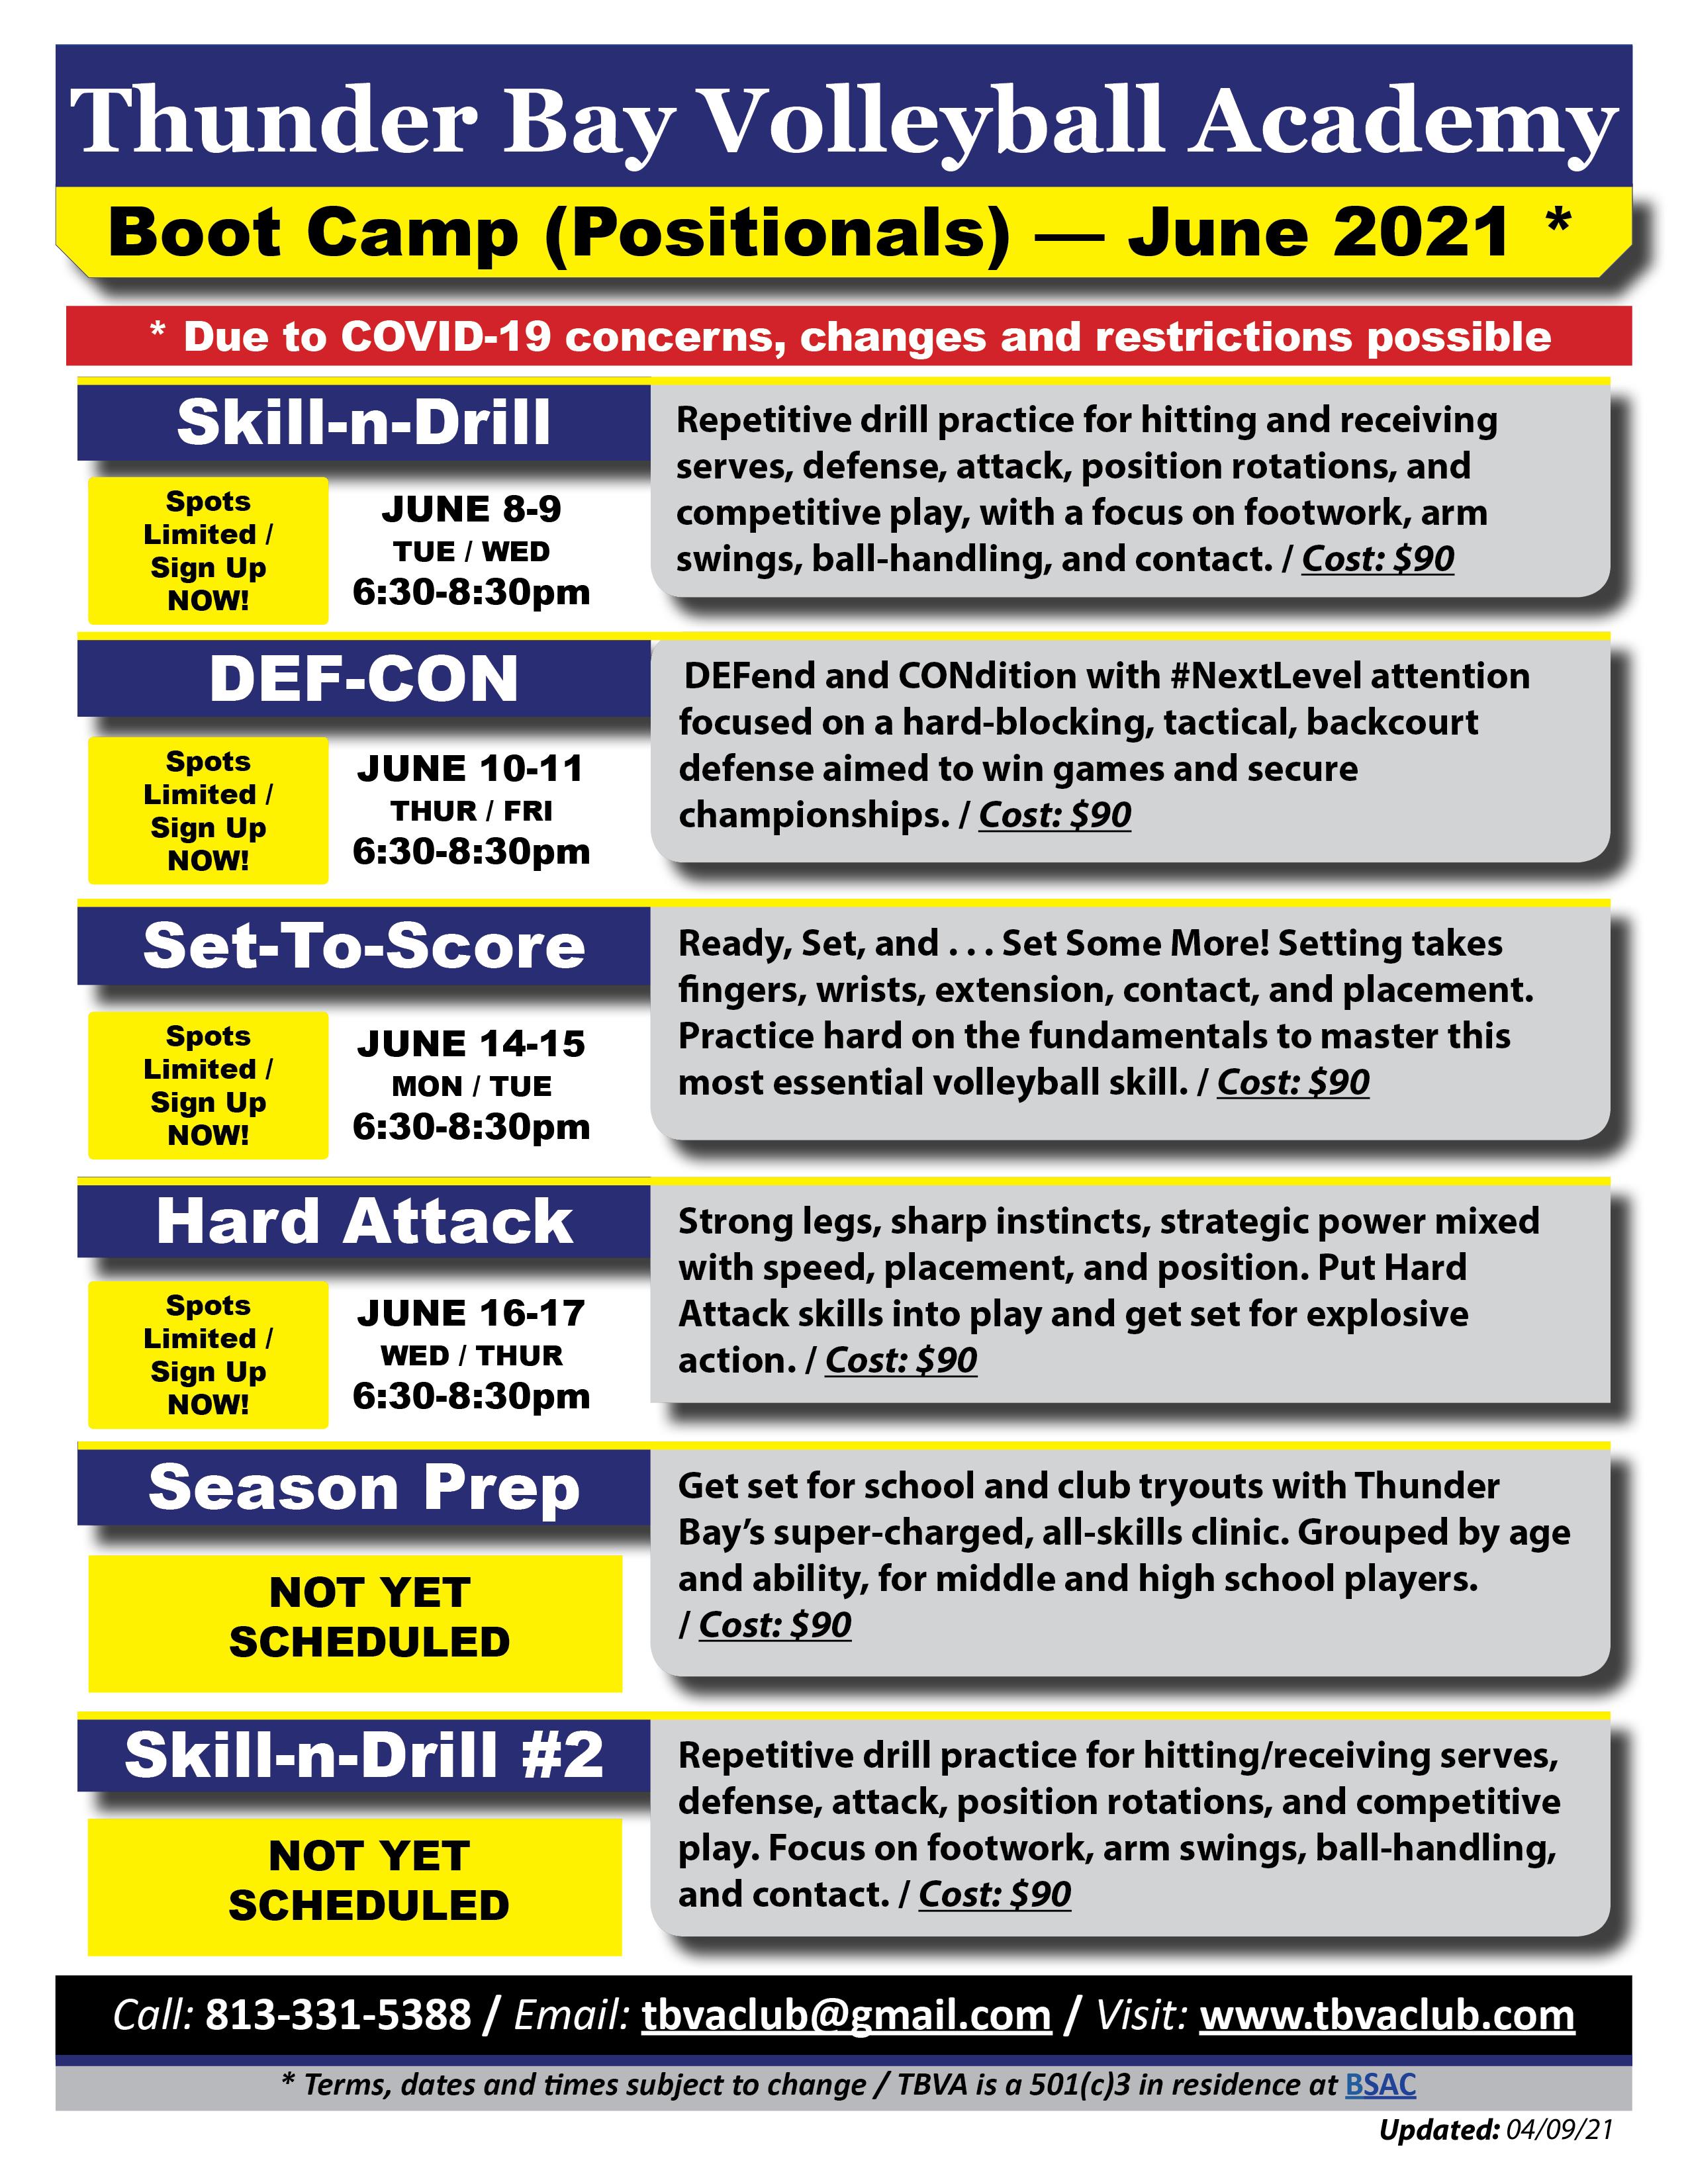 TBVA - 2021 Summer Boot Camps (June)